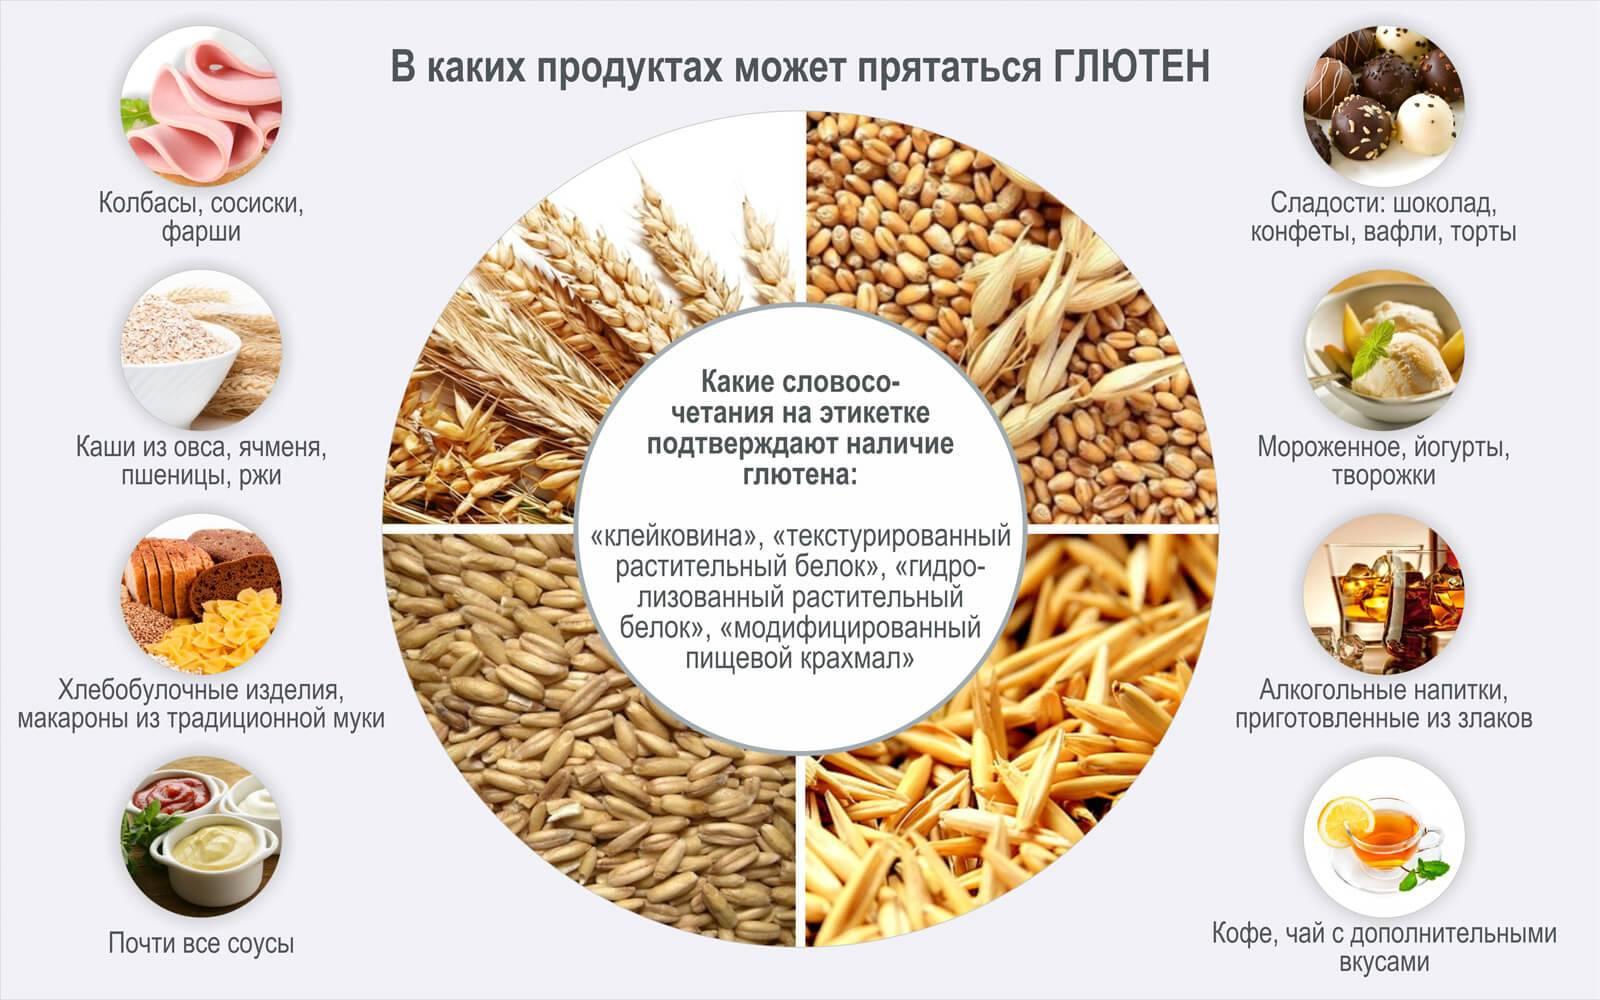 Безглютеновая диета: список разрешенных и запрещенных продуктов